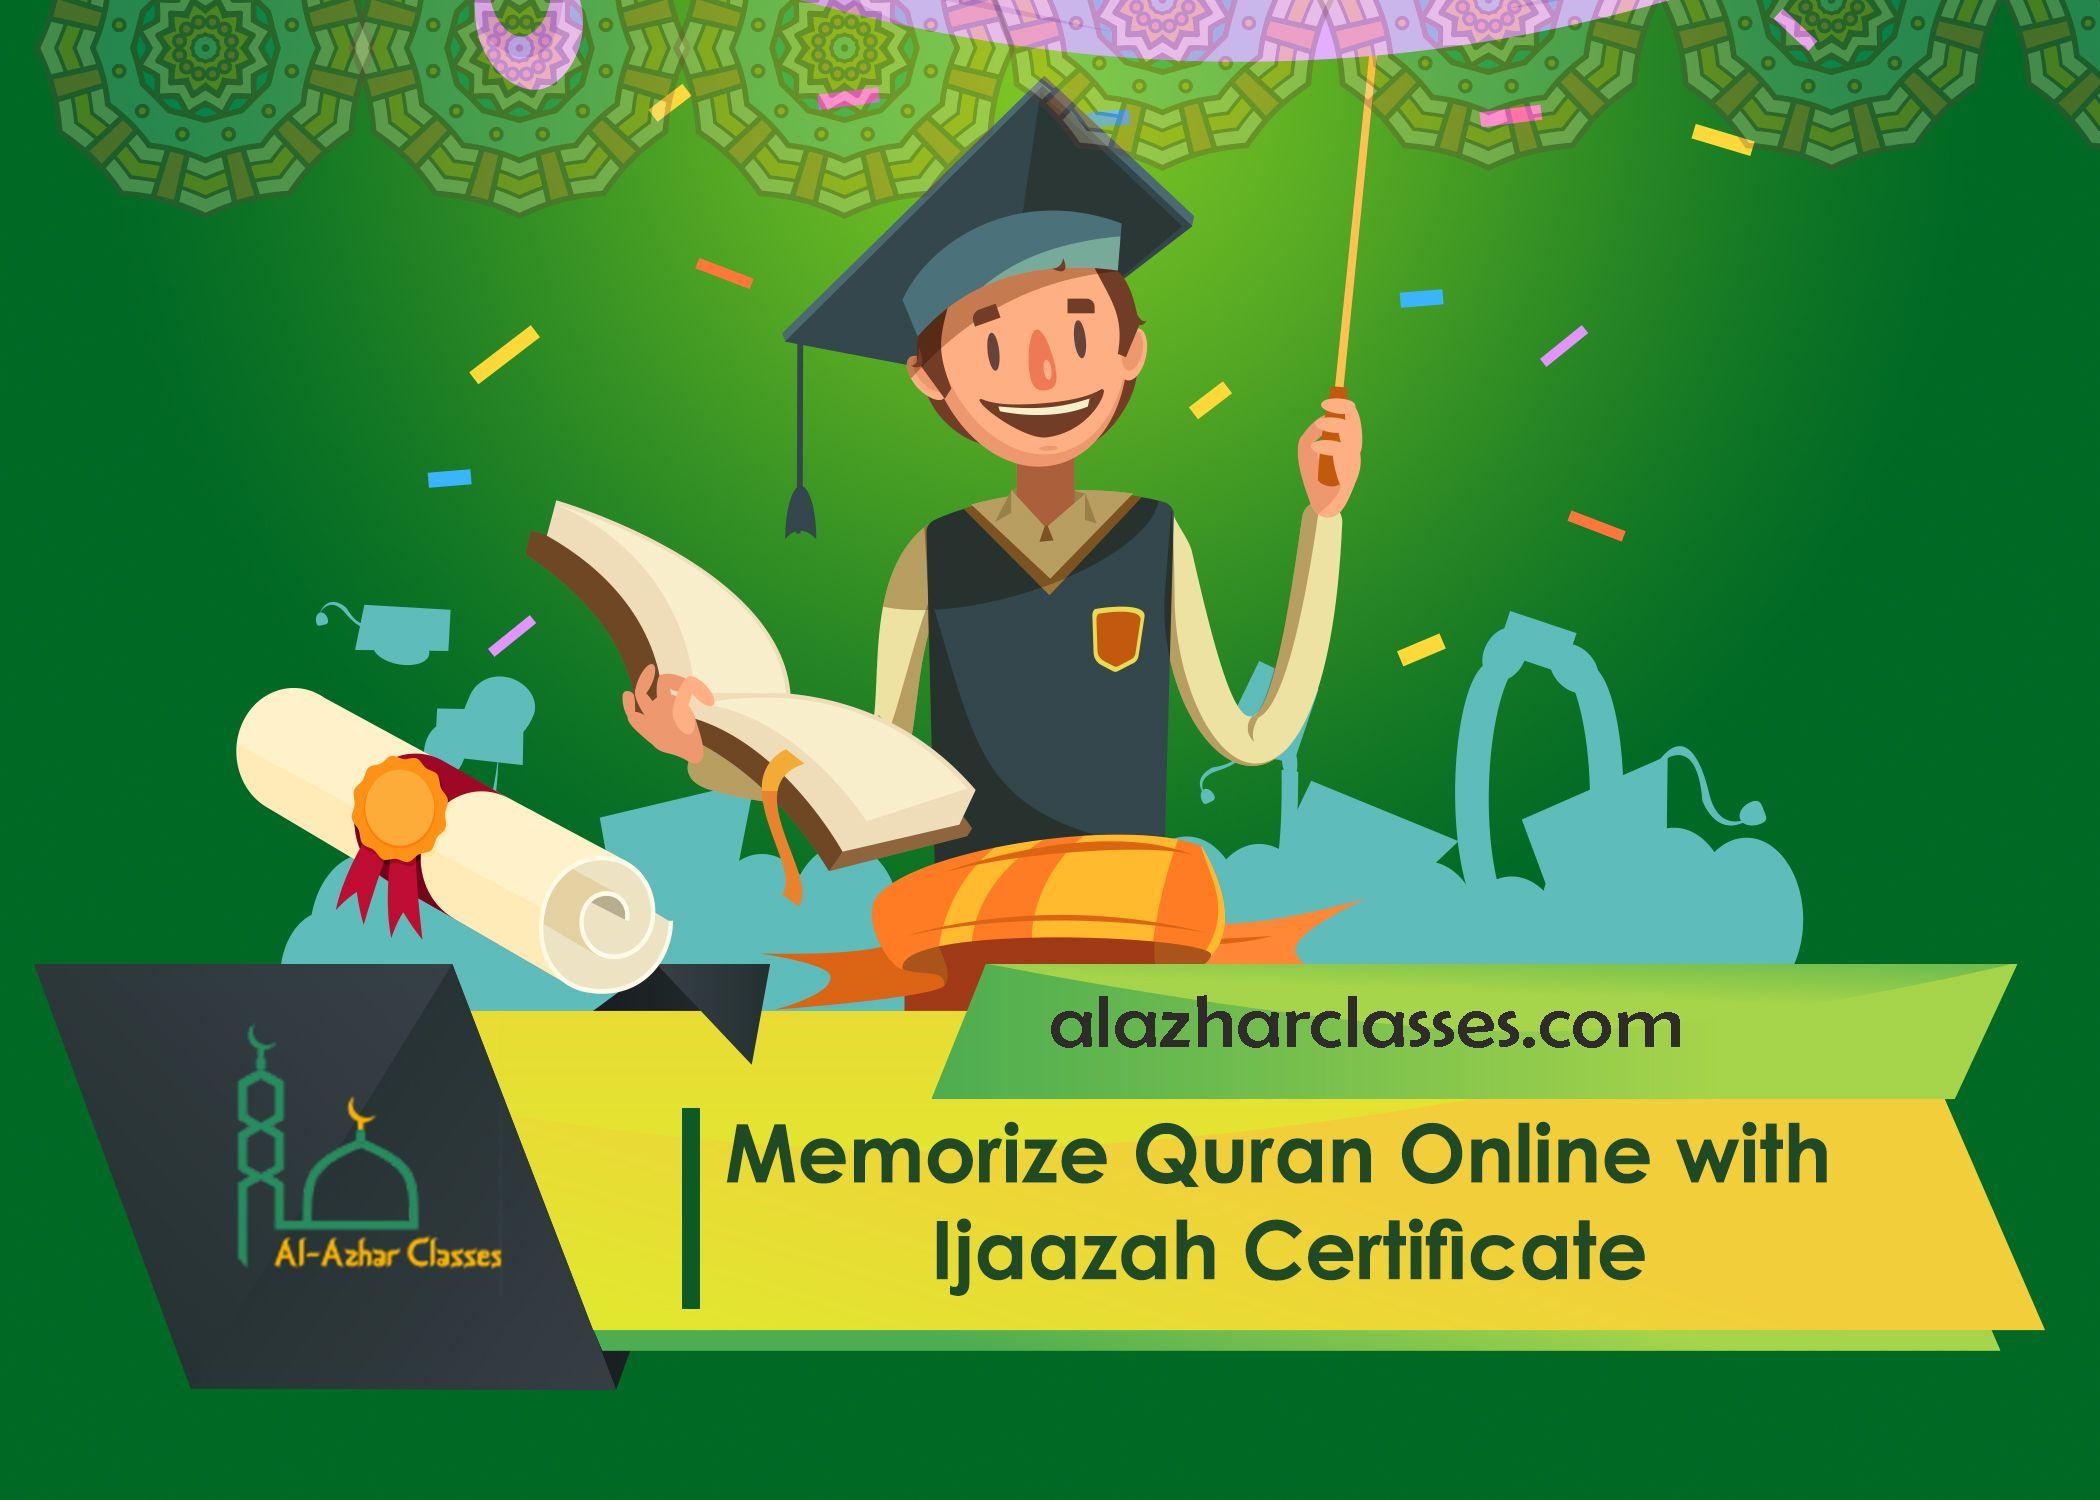 Memorize Quran Online With Ijaazah Certificate